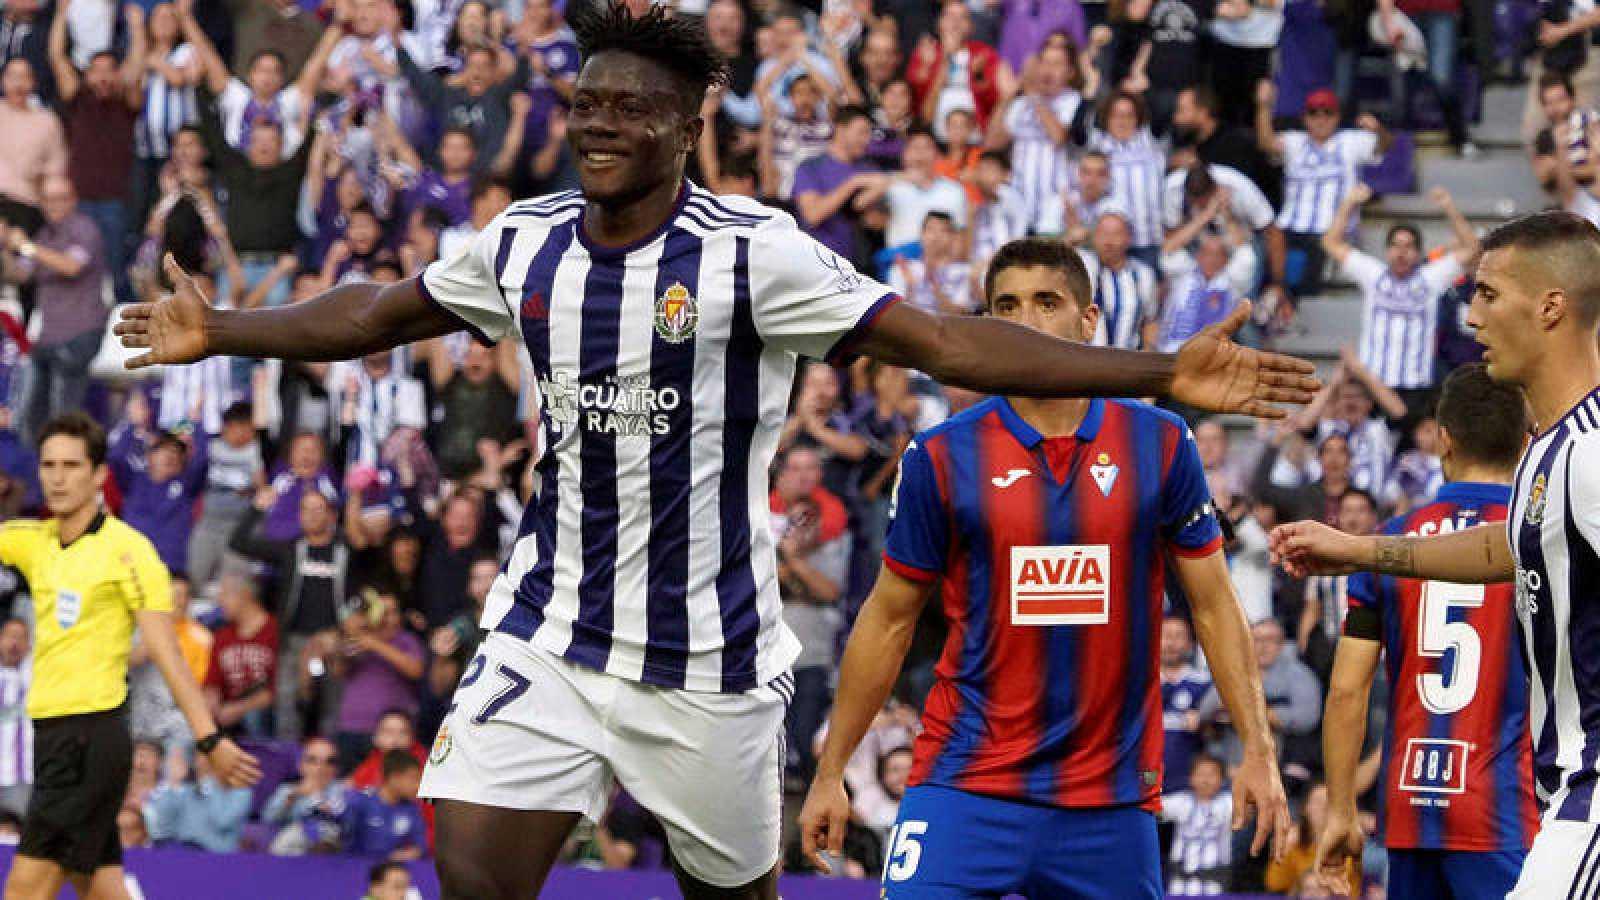 El defensa del Valladolid Mahoammed Salisu celebra el gol marcado ante el Eibar, el segundo del equipo.